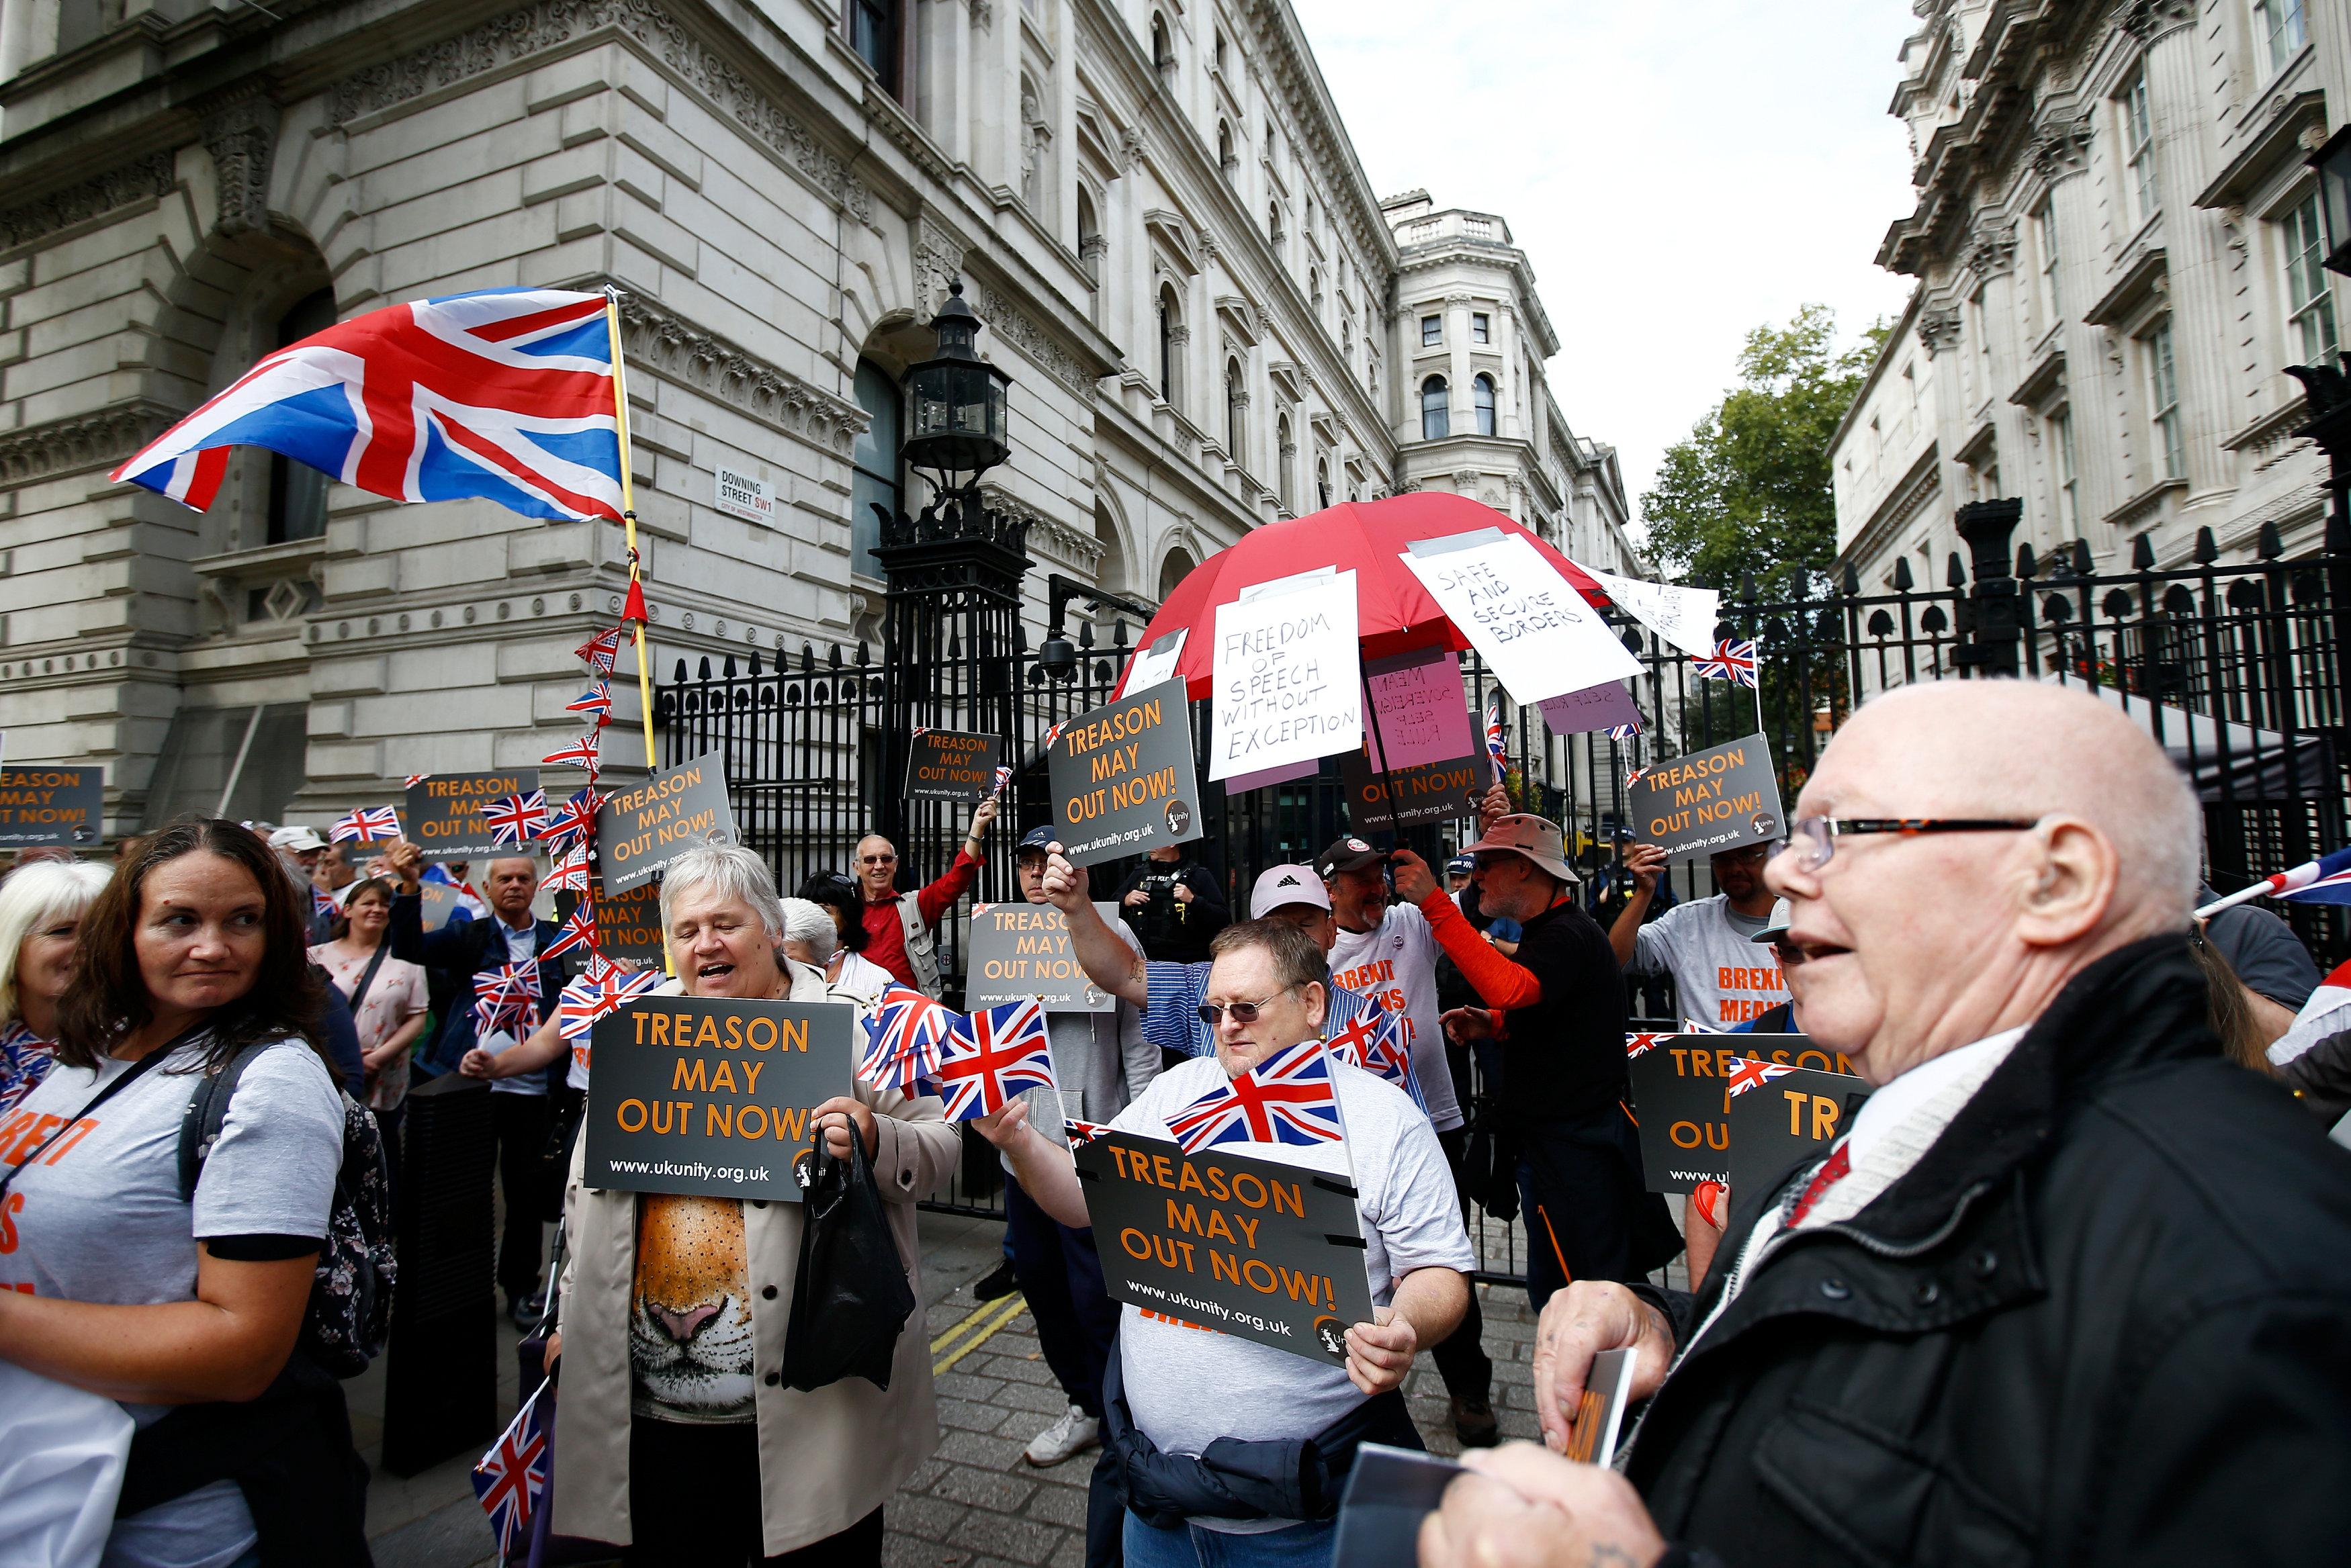 جانب من المظاهرات المؤيدة للخروج من الاتحاد الأوروبى